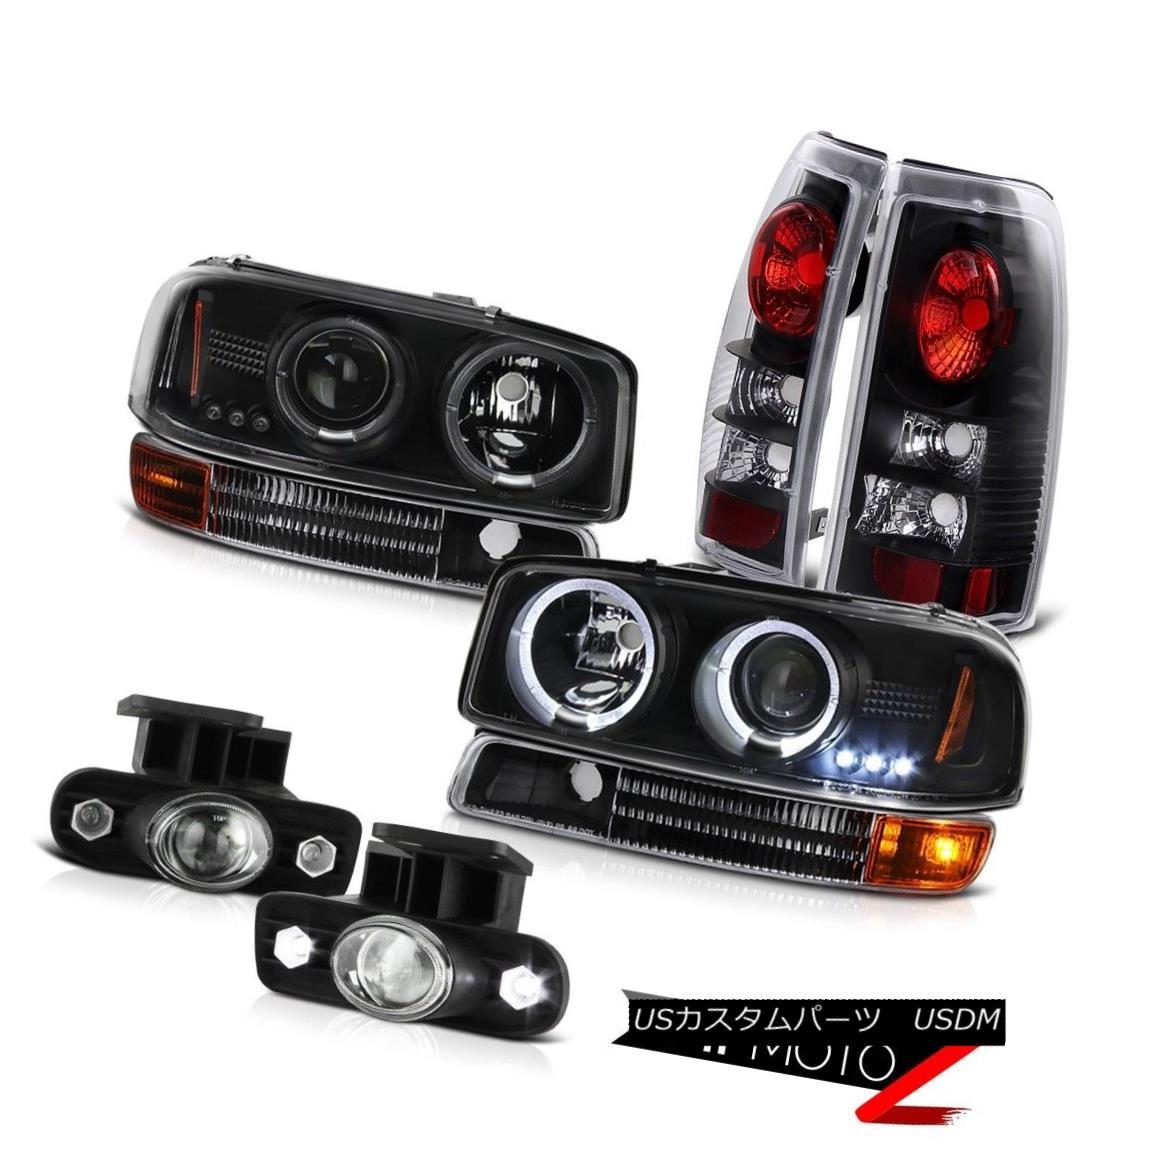 テールライト LED Daytime Projector Headlights Reverse Tail Light Halo Fog 99-03 Sierra 3500HD LED昼間プロジェクターヘッドライトリバーステールライトHalo Fog 99-03 Sierra 3500HD